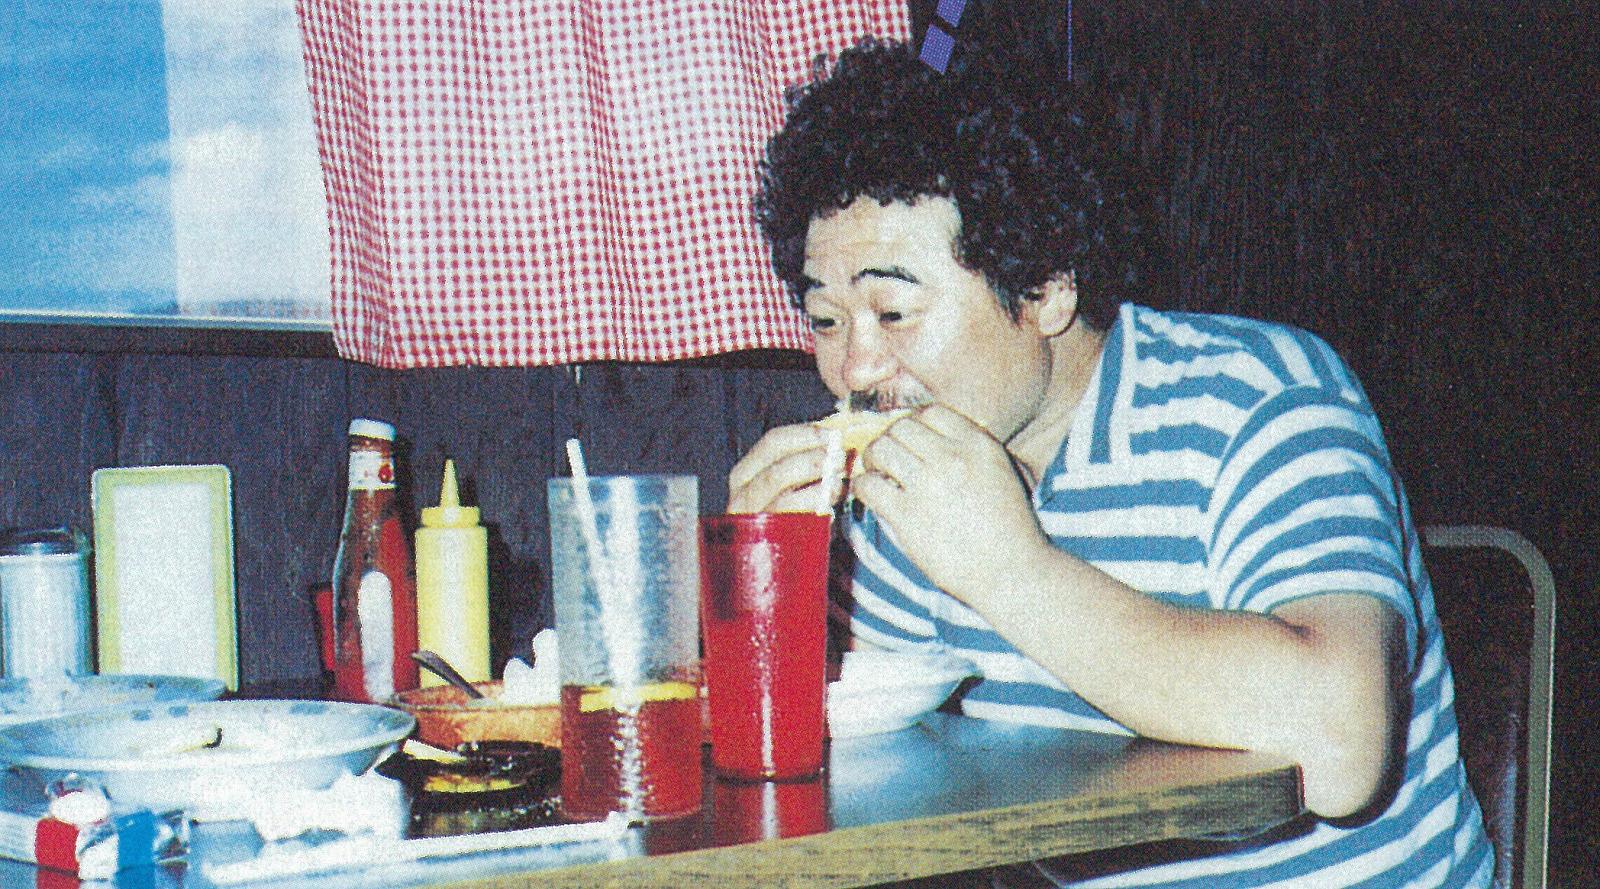 「RE雨さん&Dai稲田も宣言。絶対ヤルぜ、ボンネビル世界最高速大会挑戦!【OPTION 1986年11月号より】」の3枚目の画像